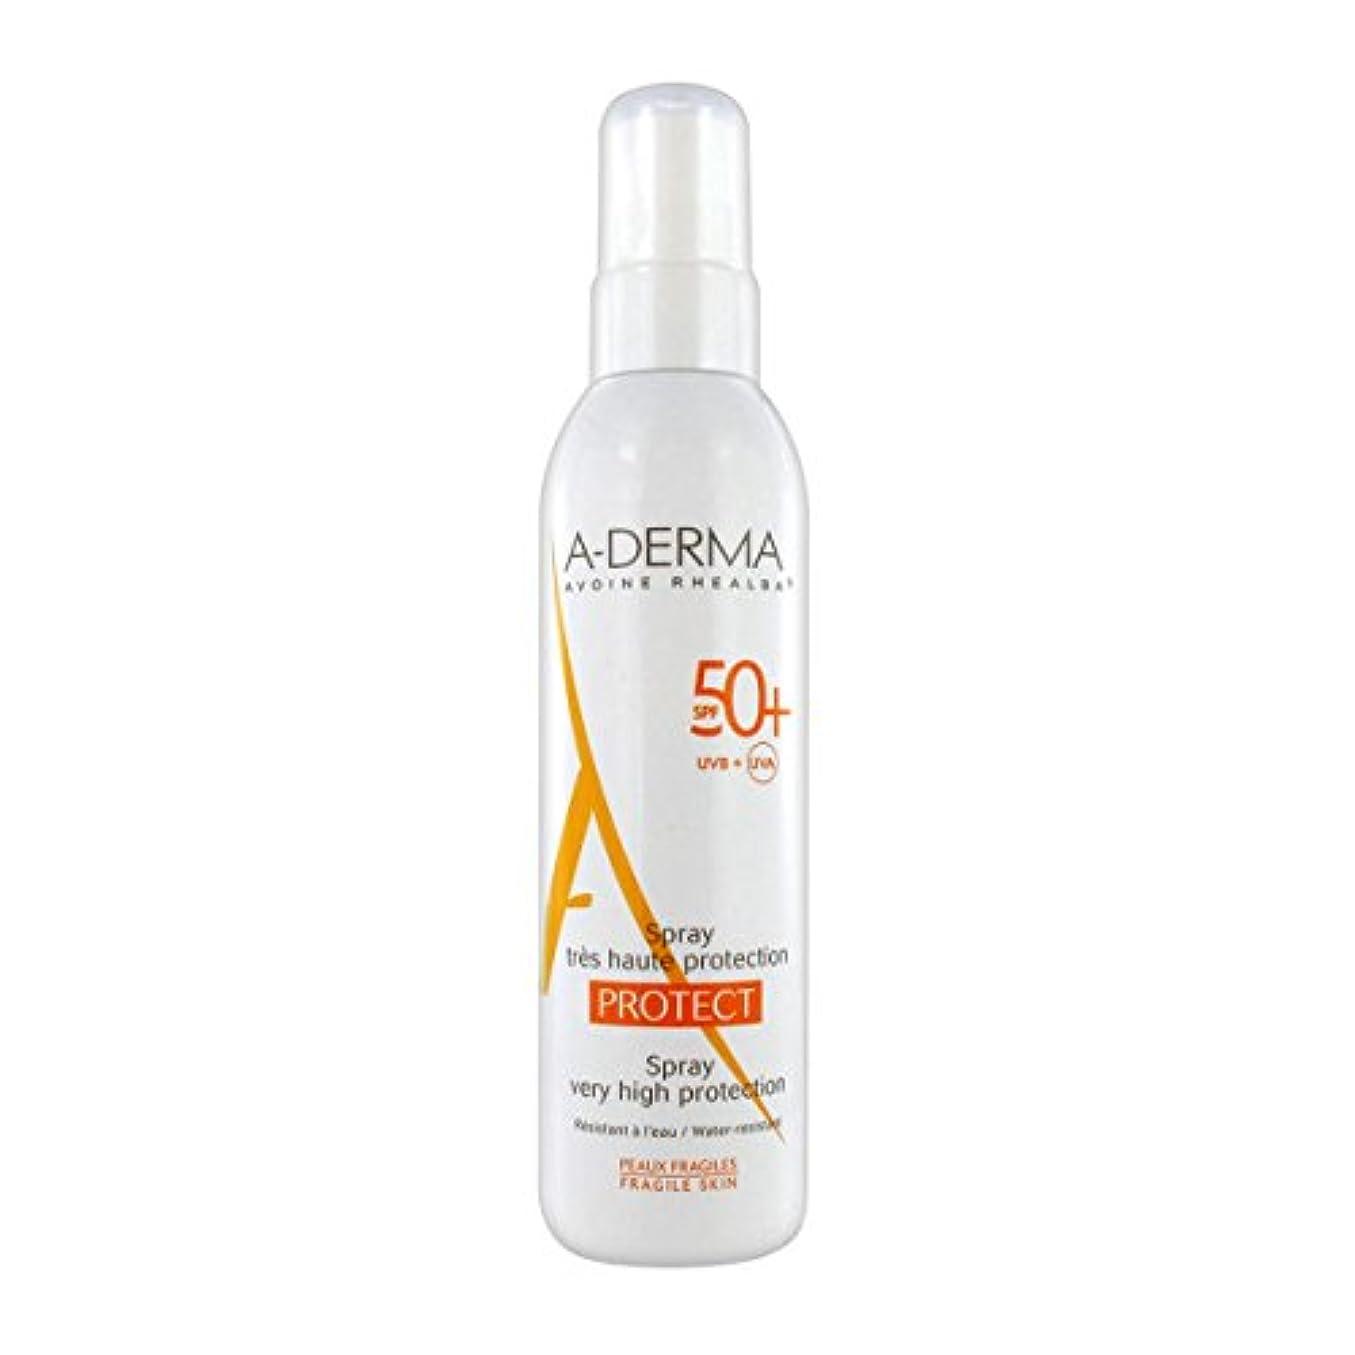 感じる試用厚くするA-derma Protect Spray Spf50+ 200ml [並行輸入品]